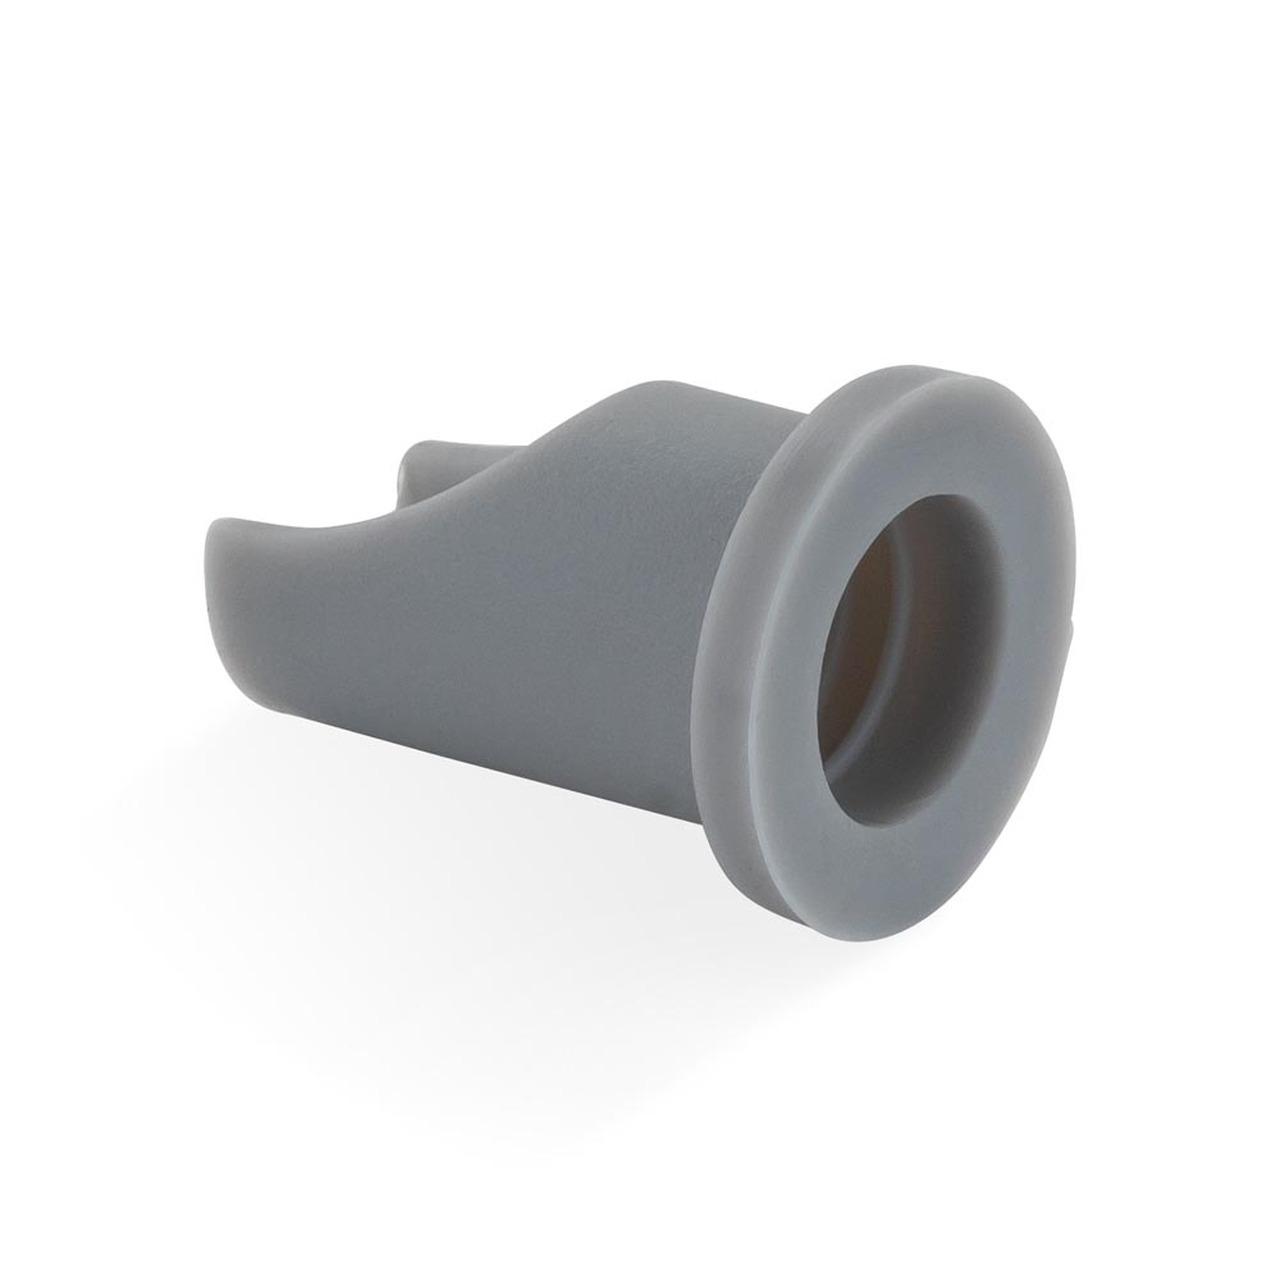 Válvula de Retenção para Válvula Extratora - Bico de Pato/Thomas Valve  - Item 6 Vista Explodida